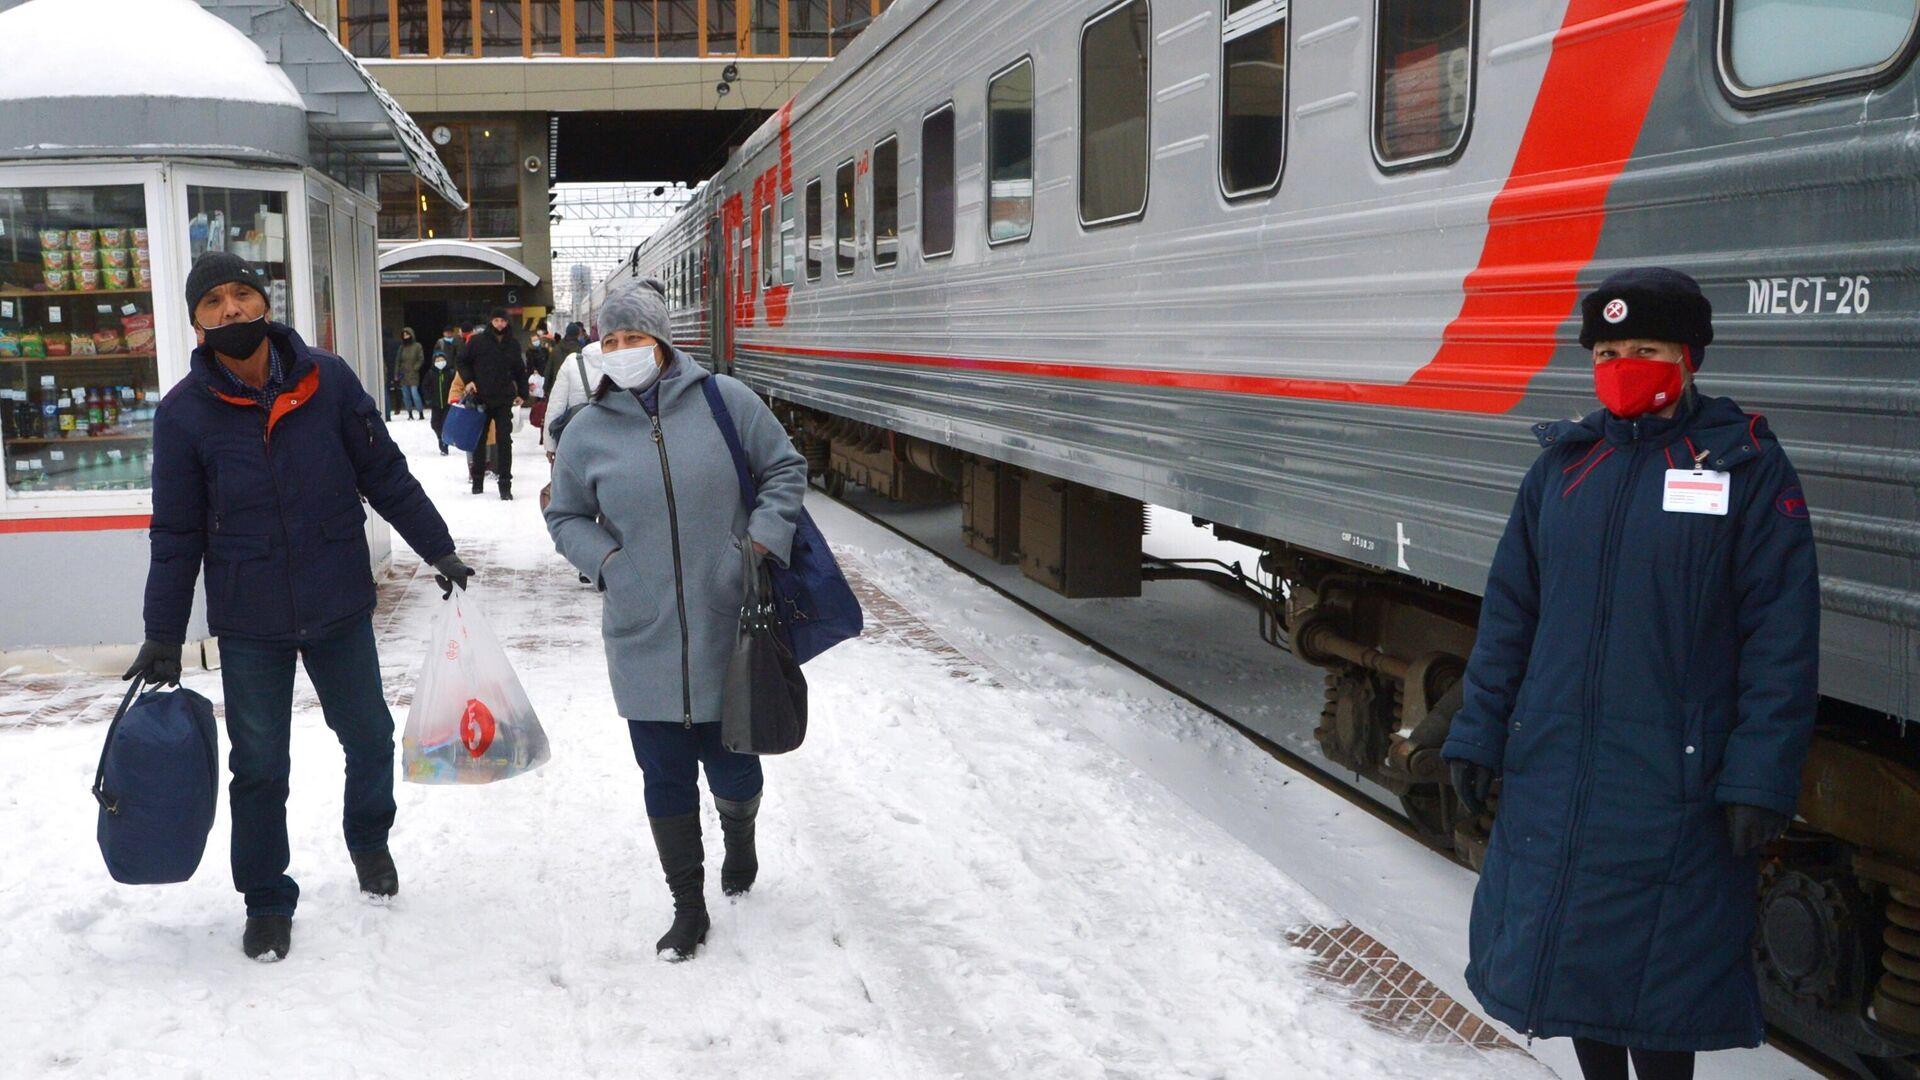 Пассажиры и проводница в защитных масках на перроне железнодорожного вокзала - РИА Новости, 1920, 13.12.2020